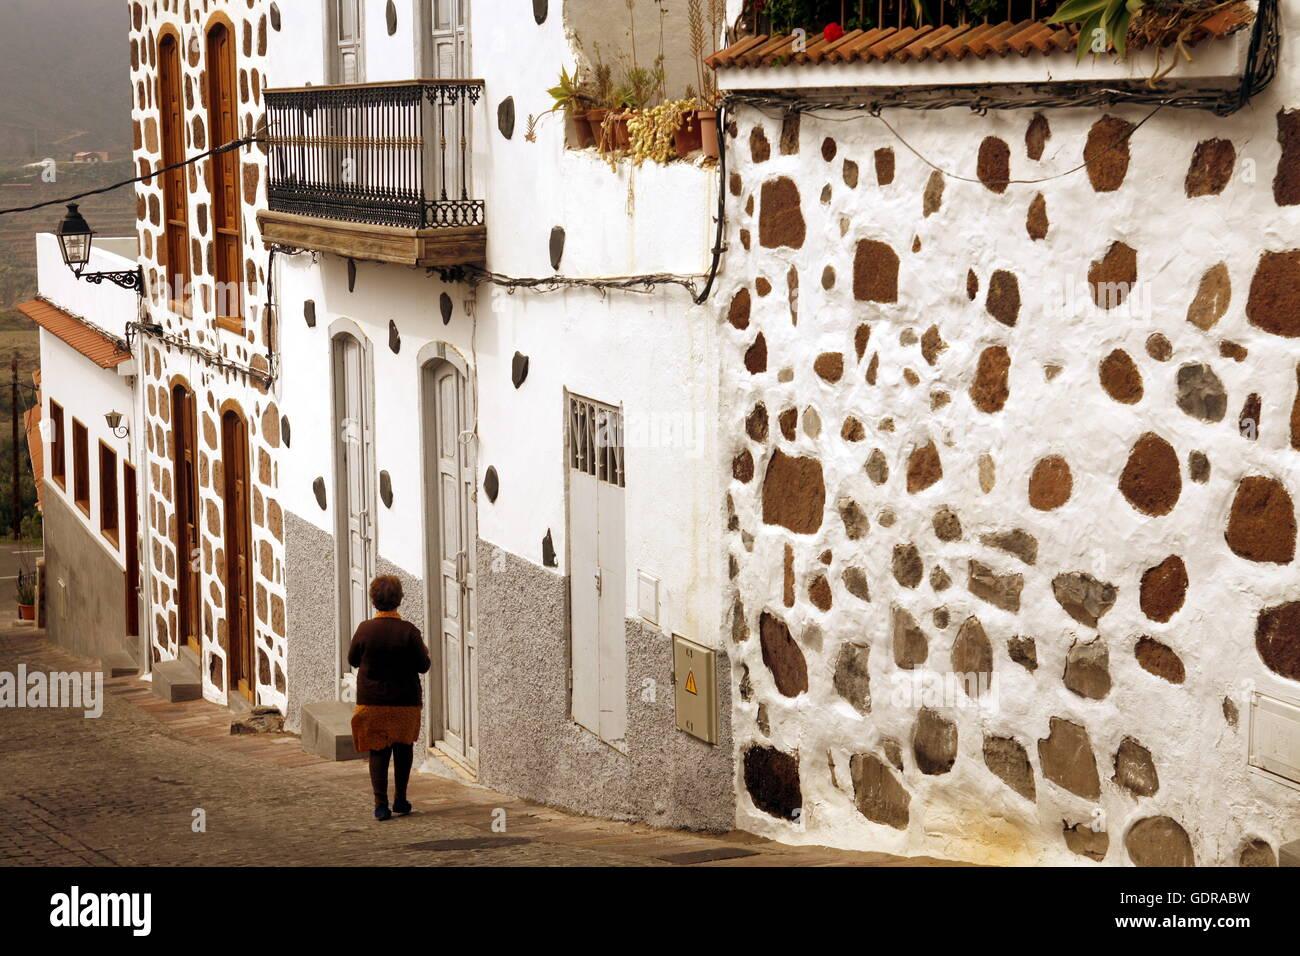 Santa Lucia, Bergdorf, Dorf, eines Gebirges, Bergregion, Zentrum, Gasse, Architektur, Gasse, Steinhaus, Romantik, Stockbild